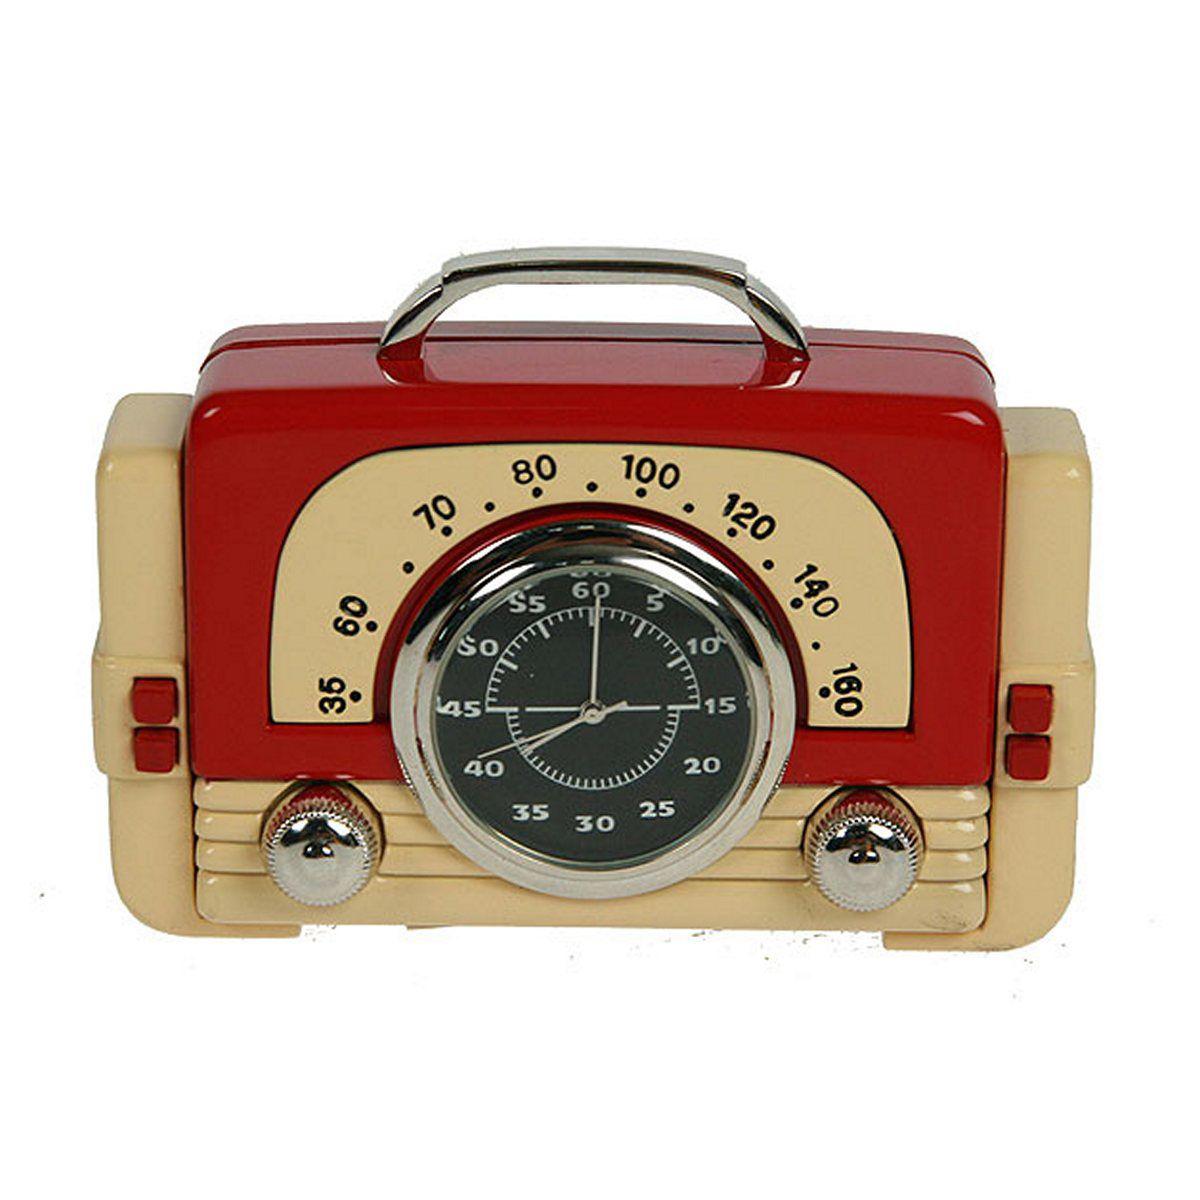 Часы настольные Русские Подарки Ретро радио, 8 х 2 х 5 см. 22412300074_ежевикаНастольные кварцевые часы Русские Подарки Ретро радио изготовлены из металла. Изделие оригинально оформлено в виде небольшого радиоприемника. Часы имеют три стрелки - часовую, минутную и секундную.Такие часы украсят интерьер дома или рабочий стол в офисе. Также часы могут стать уникальным, полезным подарком для родственников, коллег, знакомых и близких.Часы работают от батареек типа SR626 (в комплект не входят).